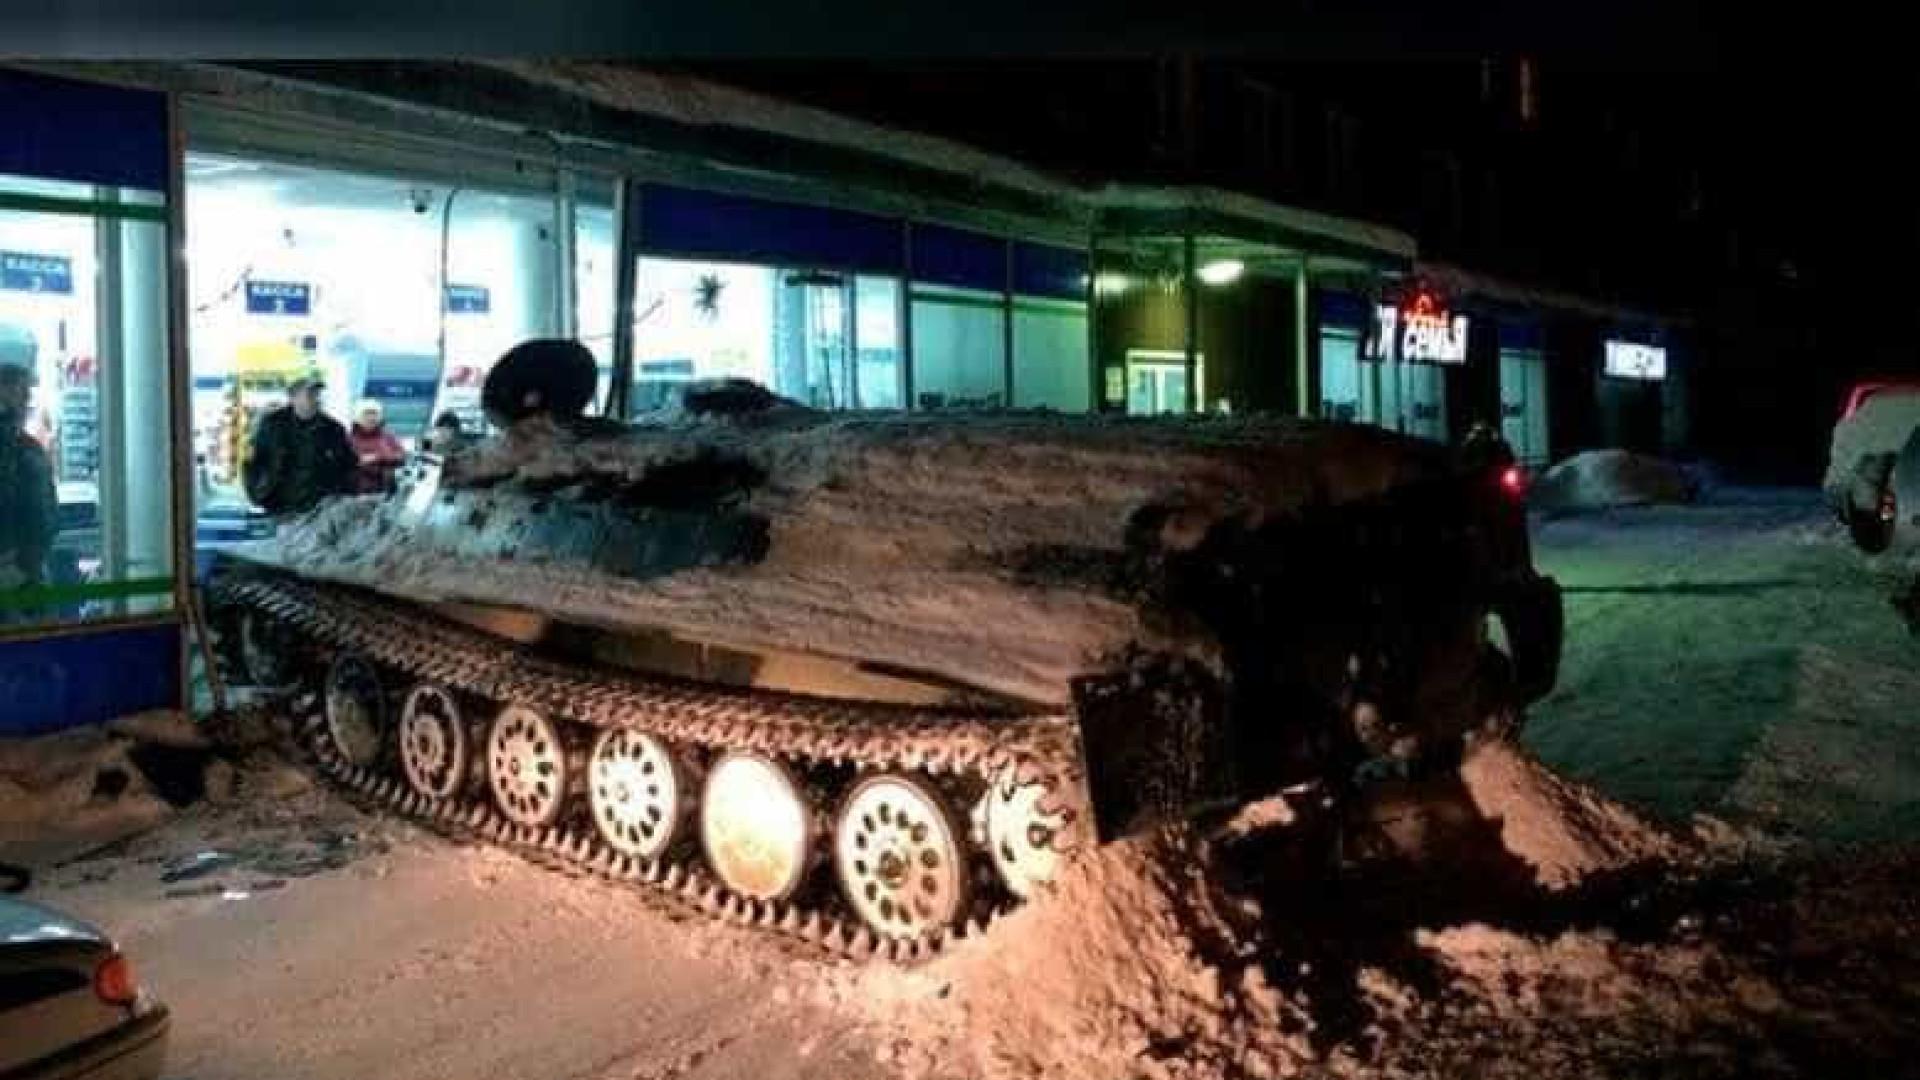 Homem rouba tanque militar, destrói montra e foge com garrafa de vinho